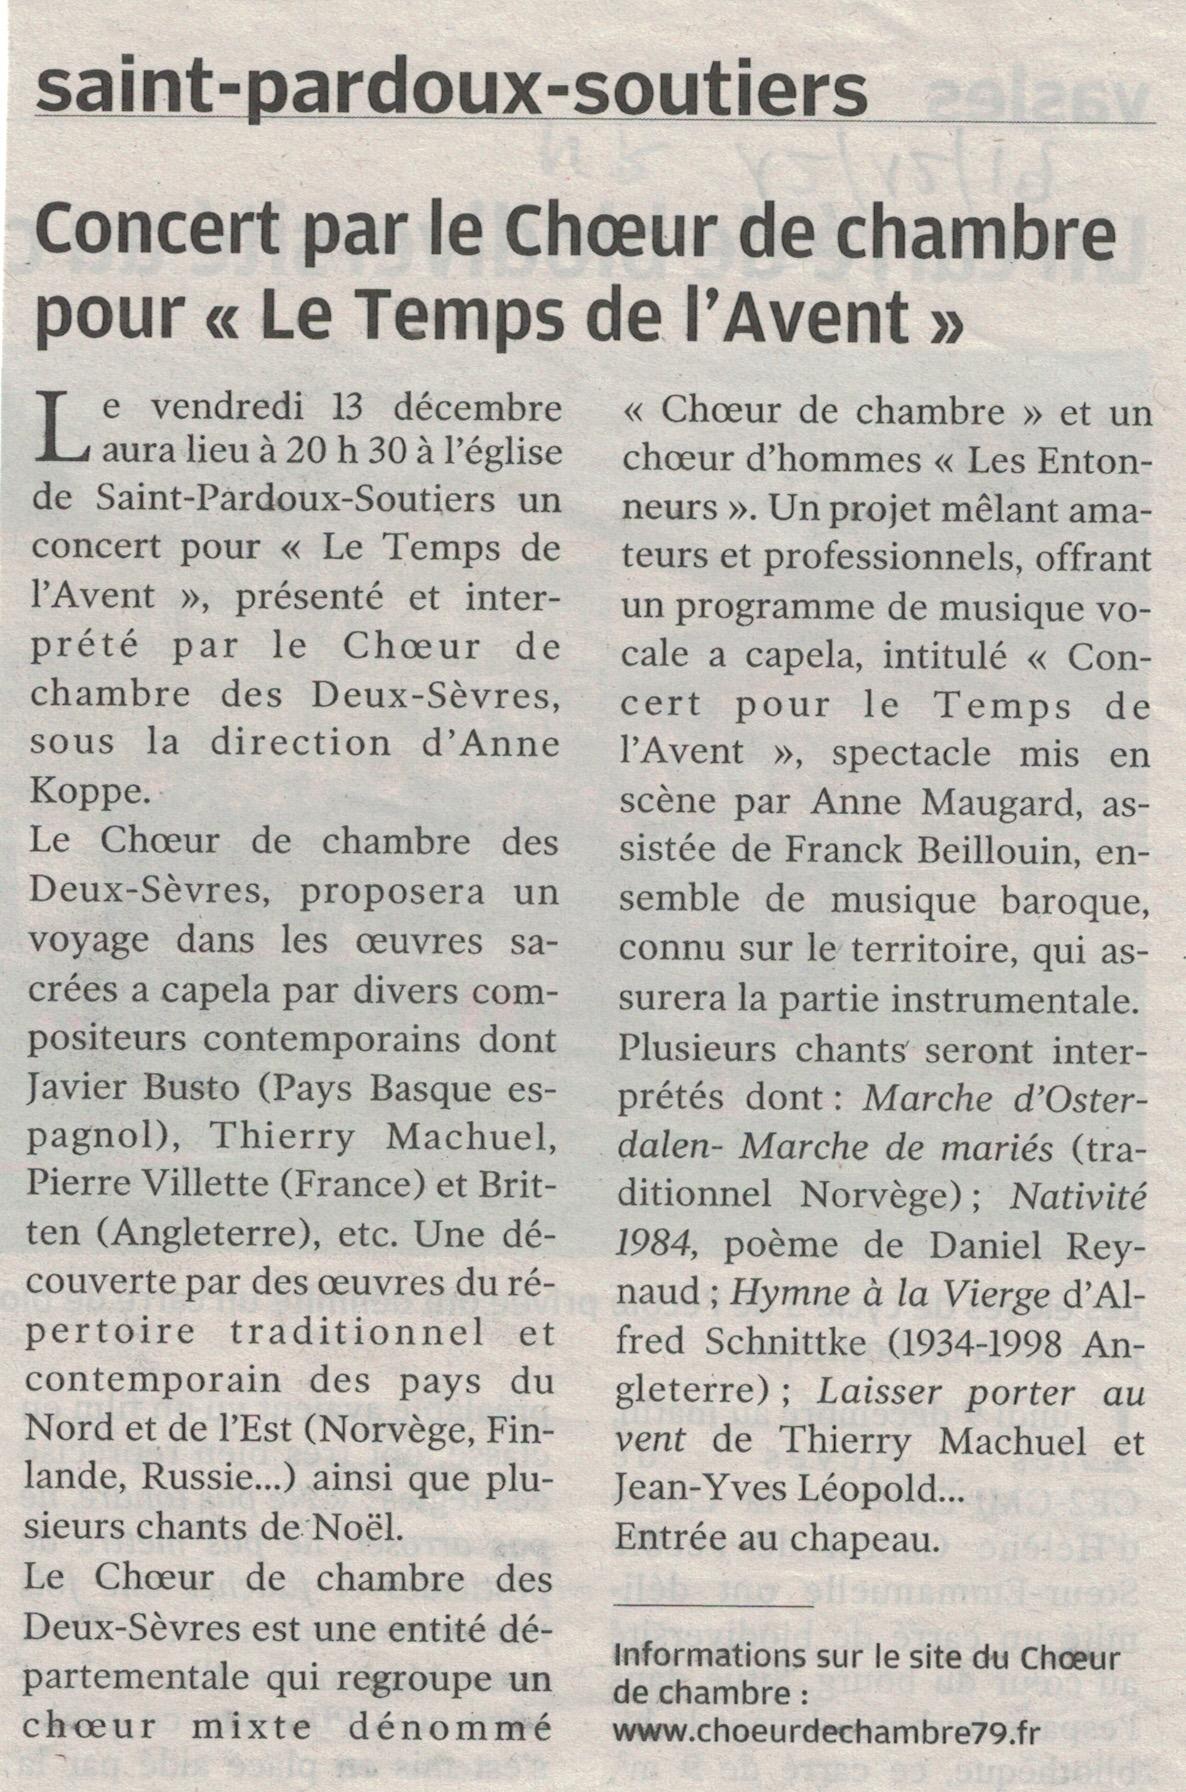 nr-12-dec-19-st-pardoux-soutiers